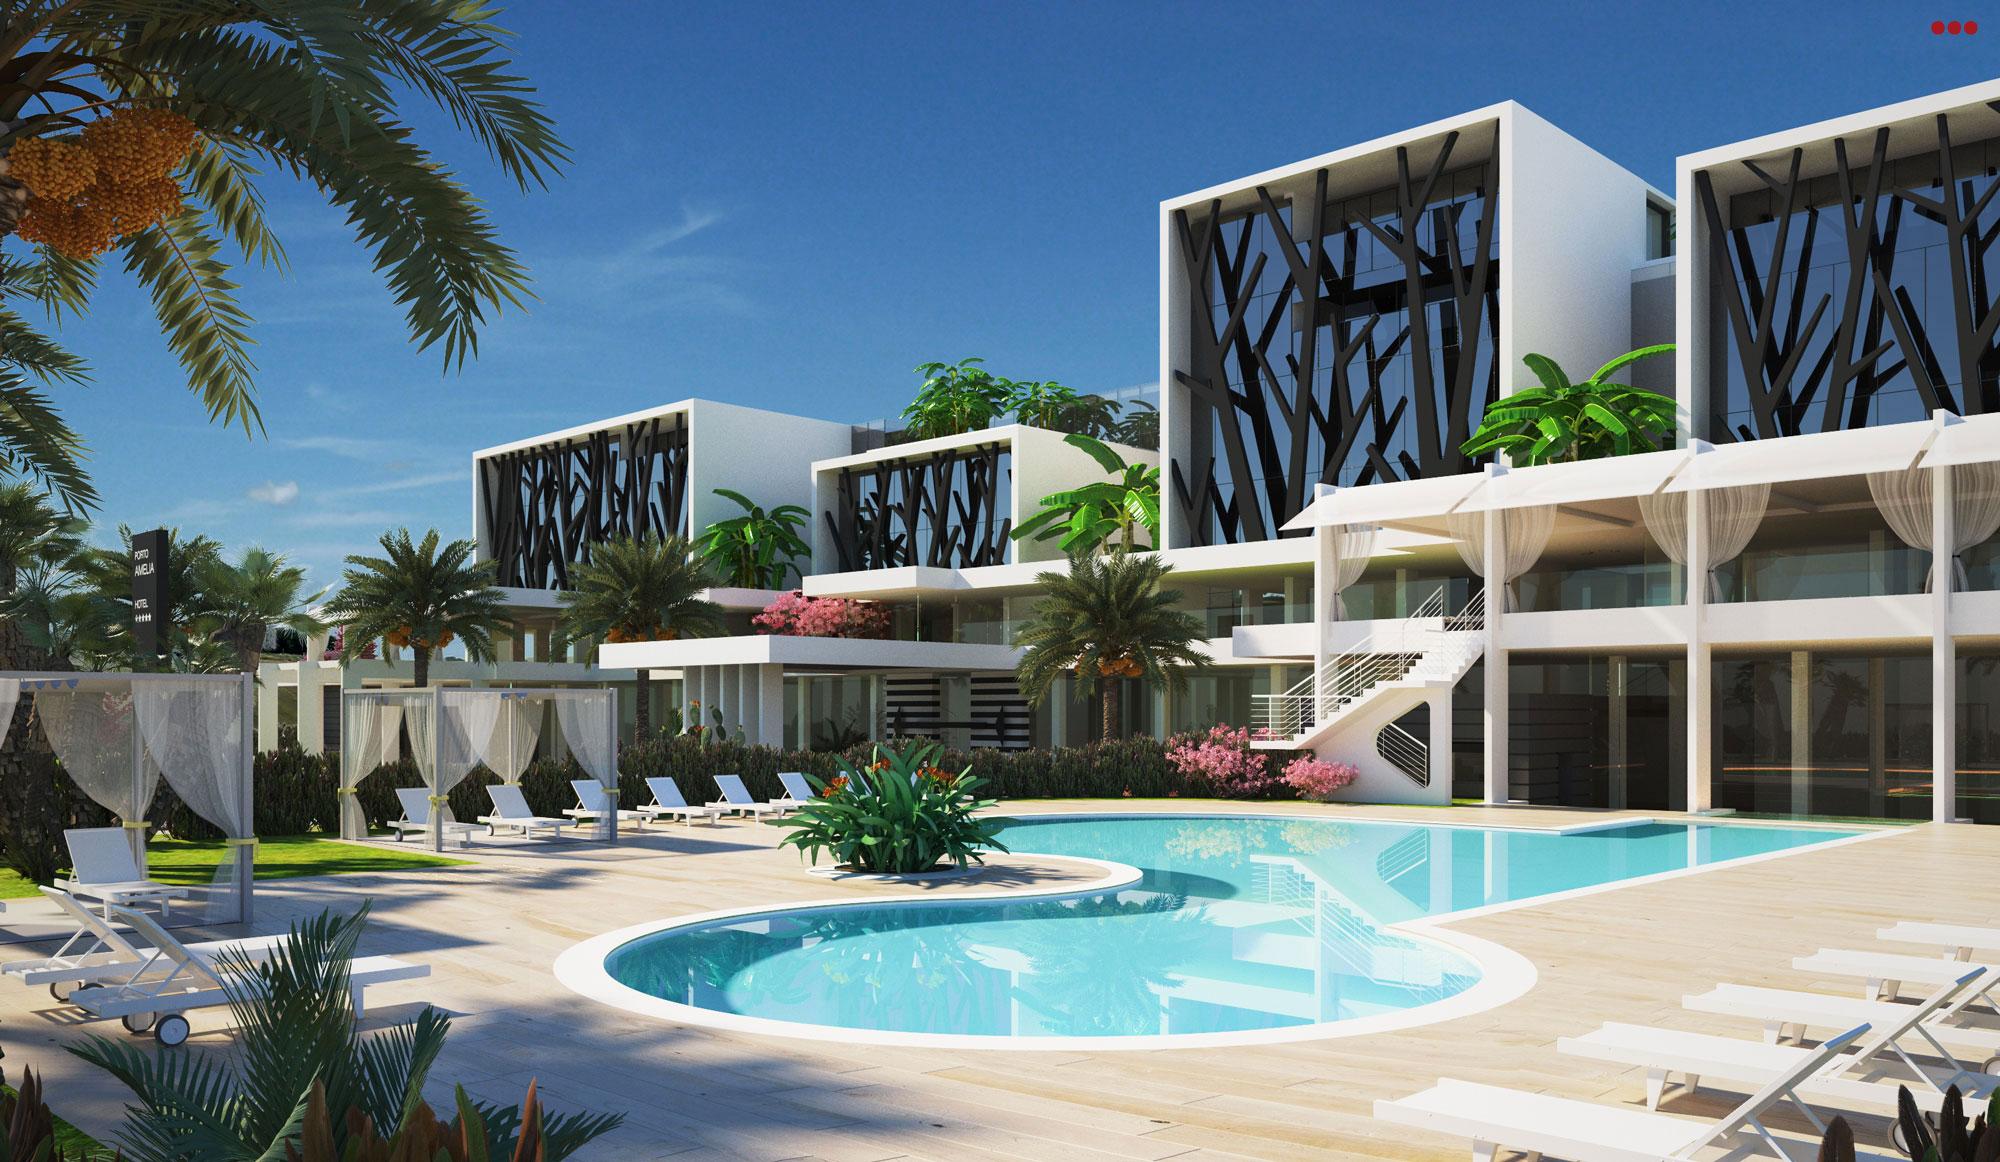 Studio-BArtolini-rendering-progettazione-grafica-3D-Hotel-Porto-Amelia-Mozzambico-6